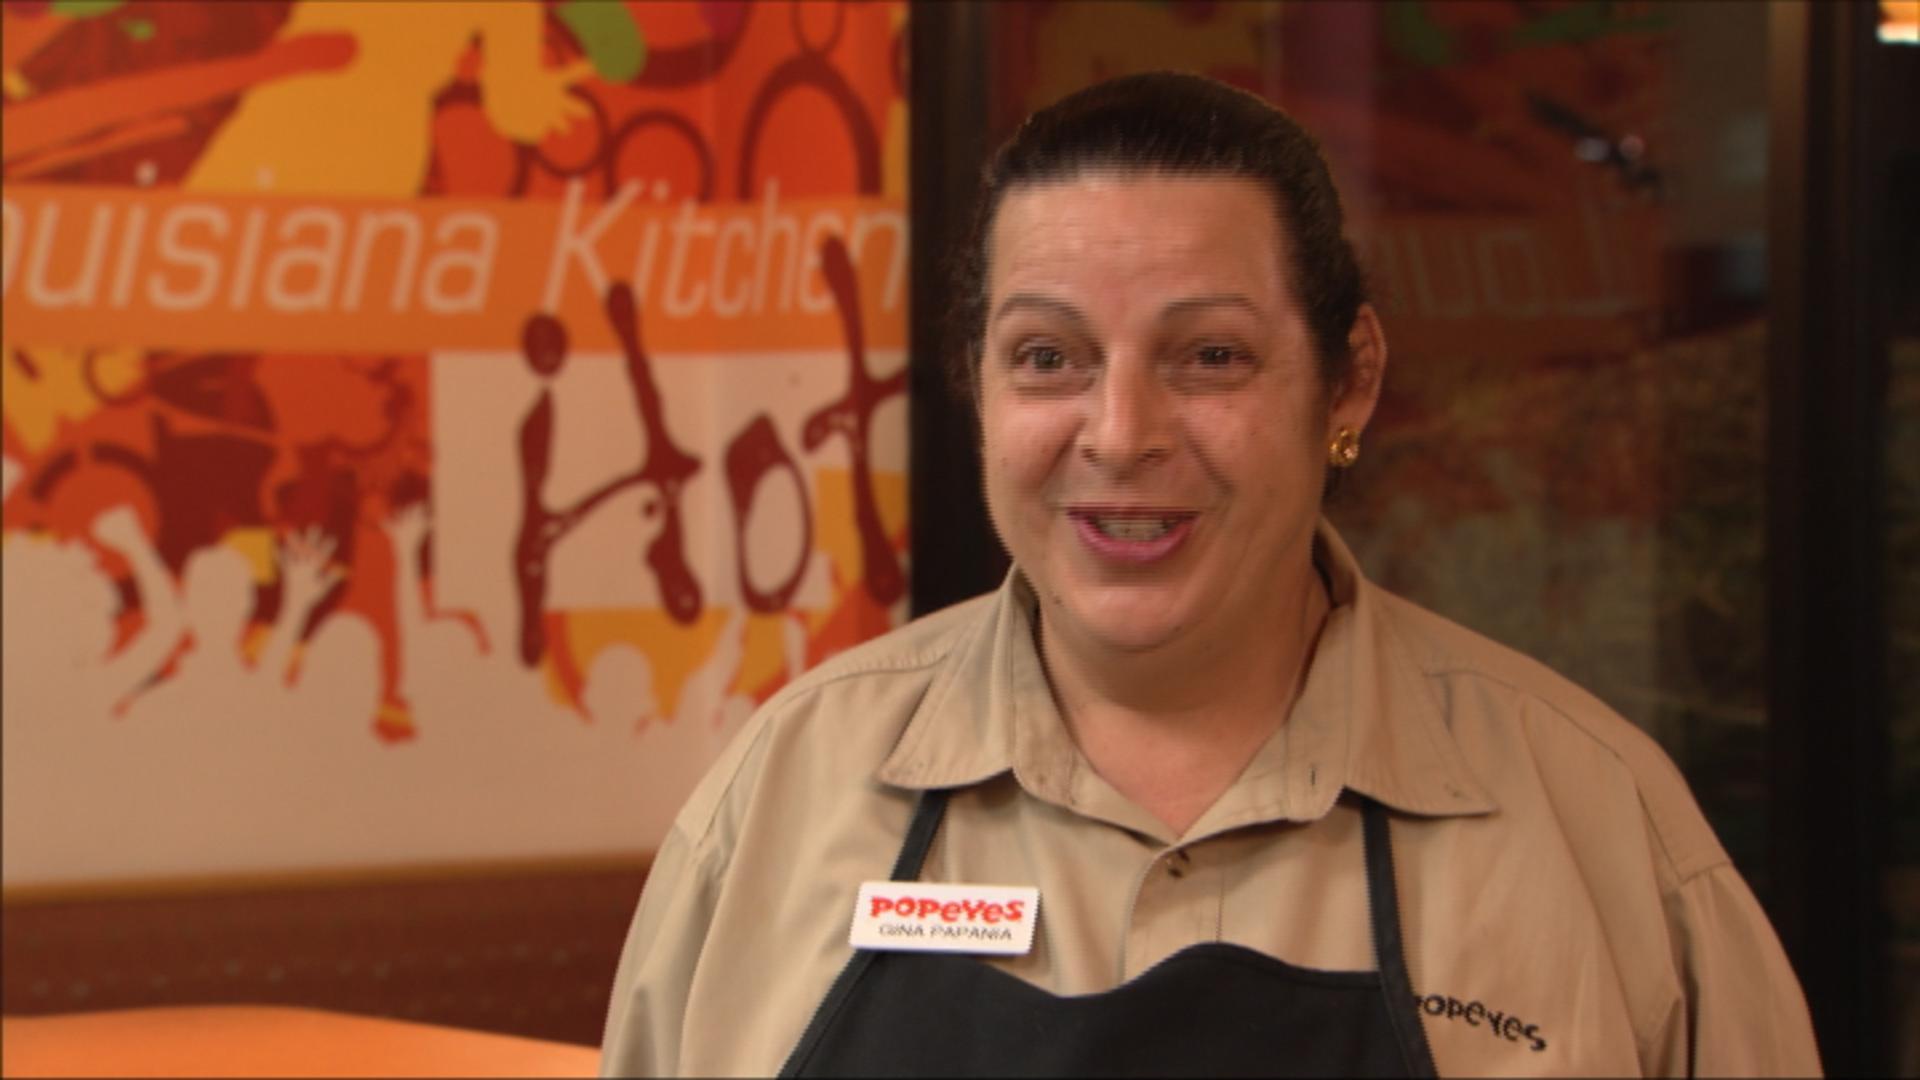 Employee Gina